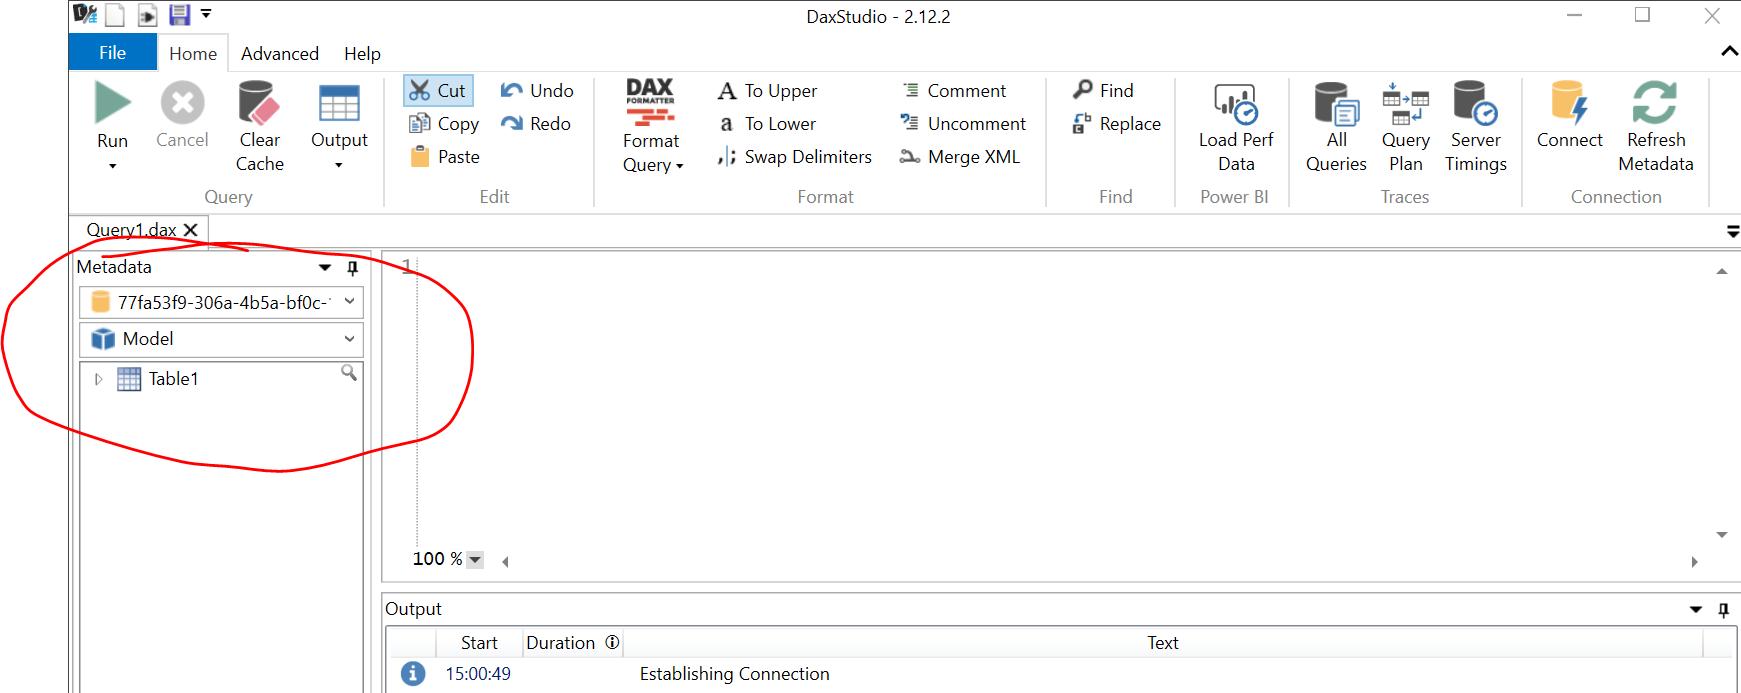 Dax studio ya conectado al modelo de power bi